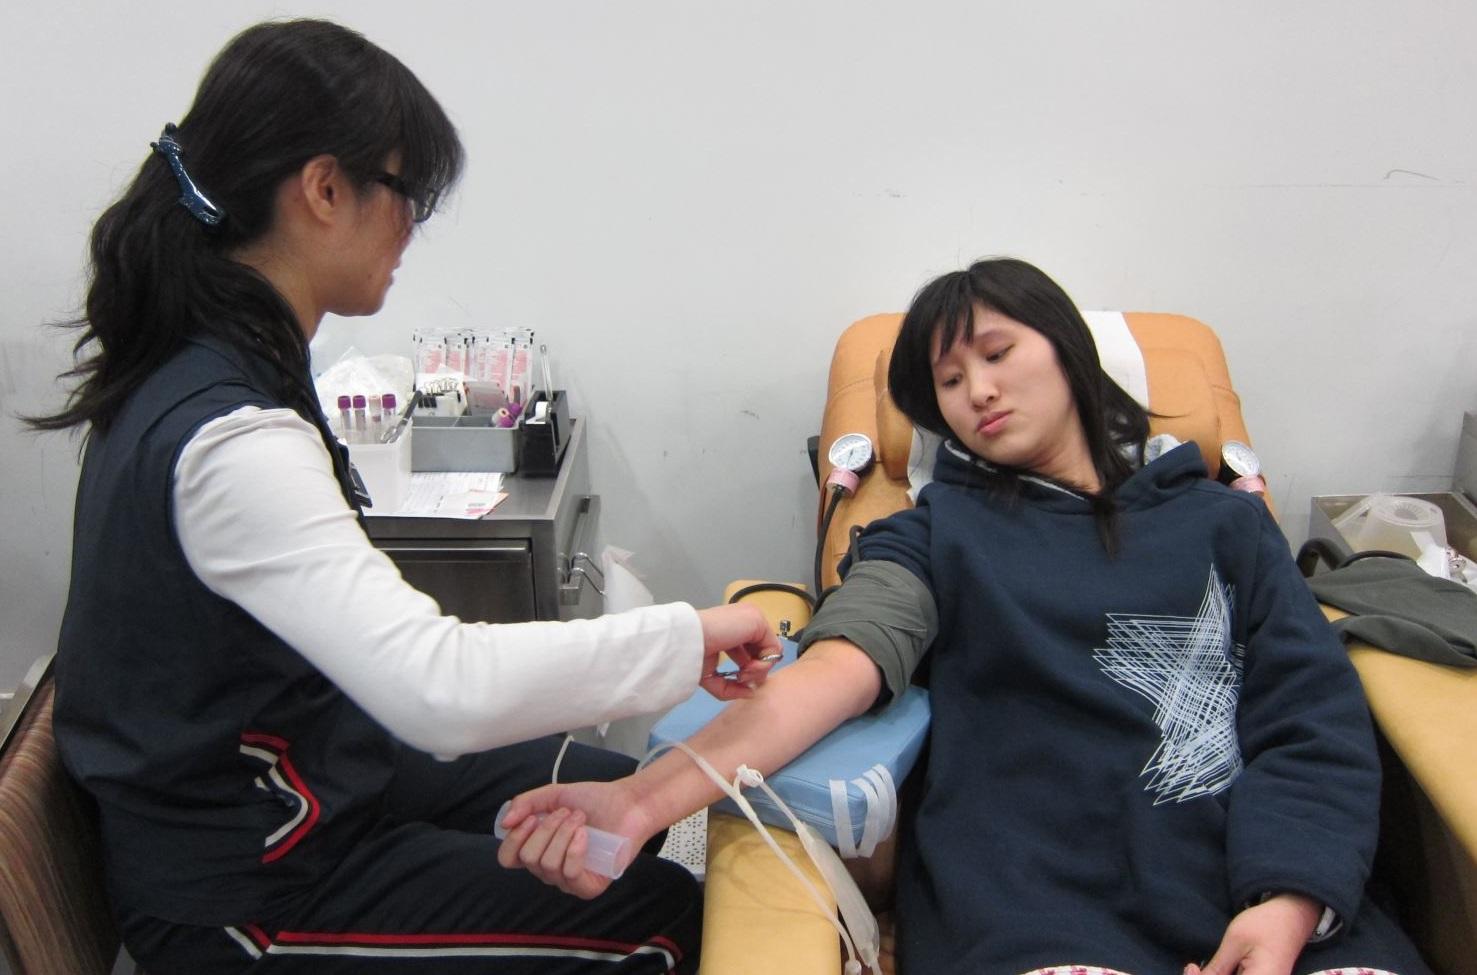 圖片: 捐血前消毒皮膚